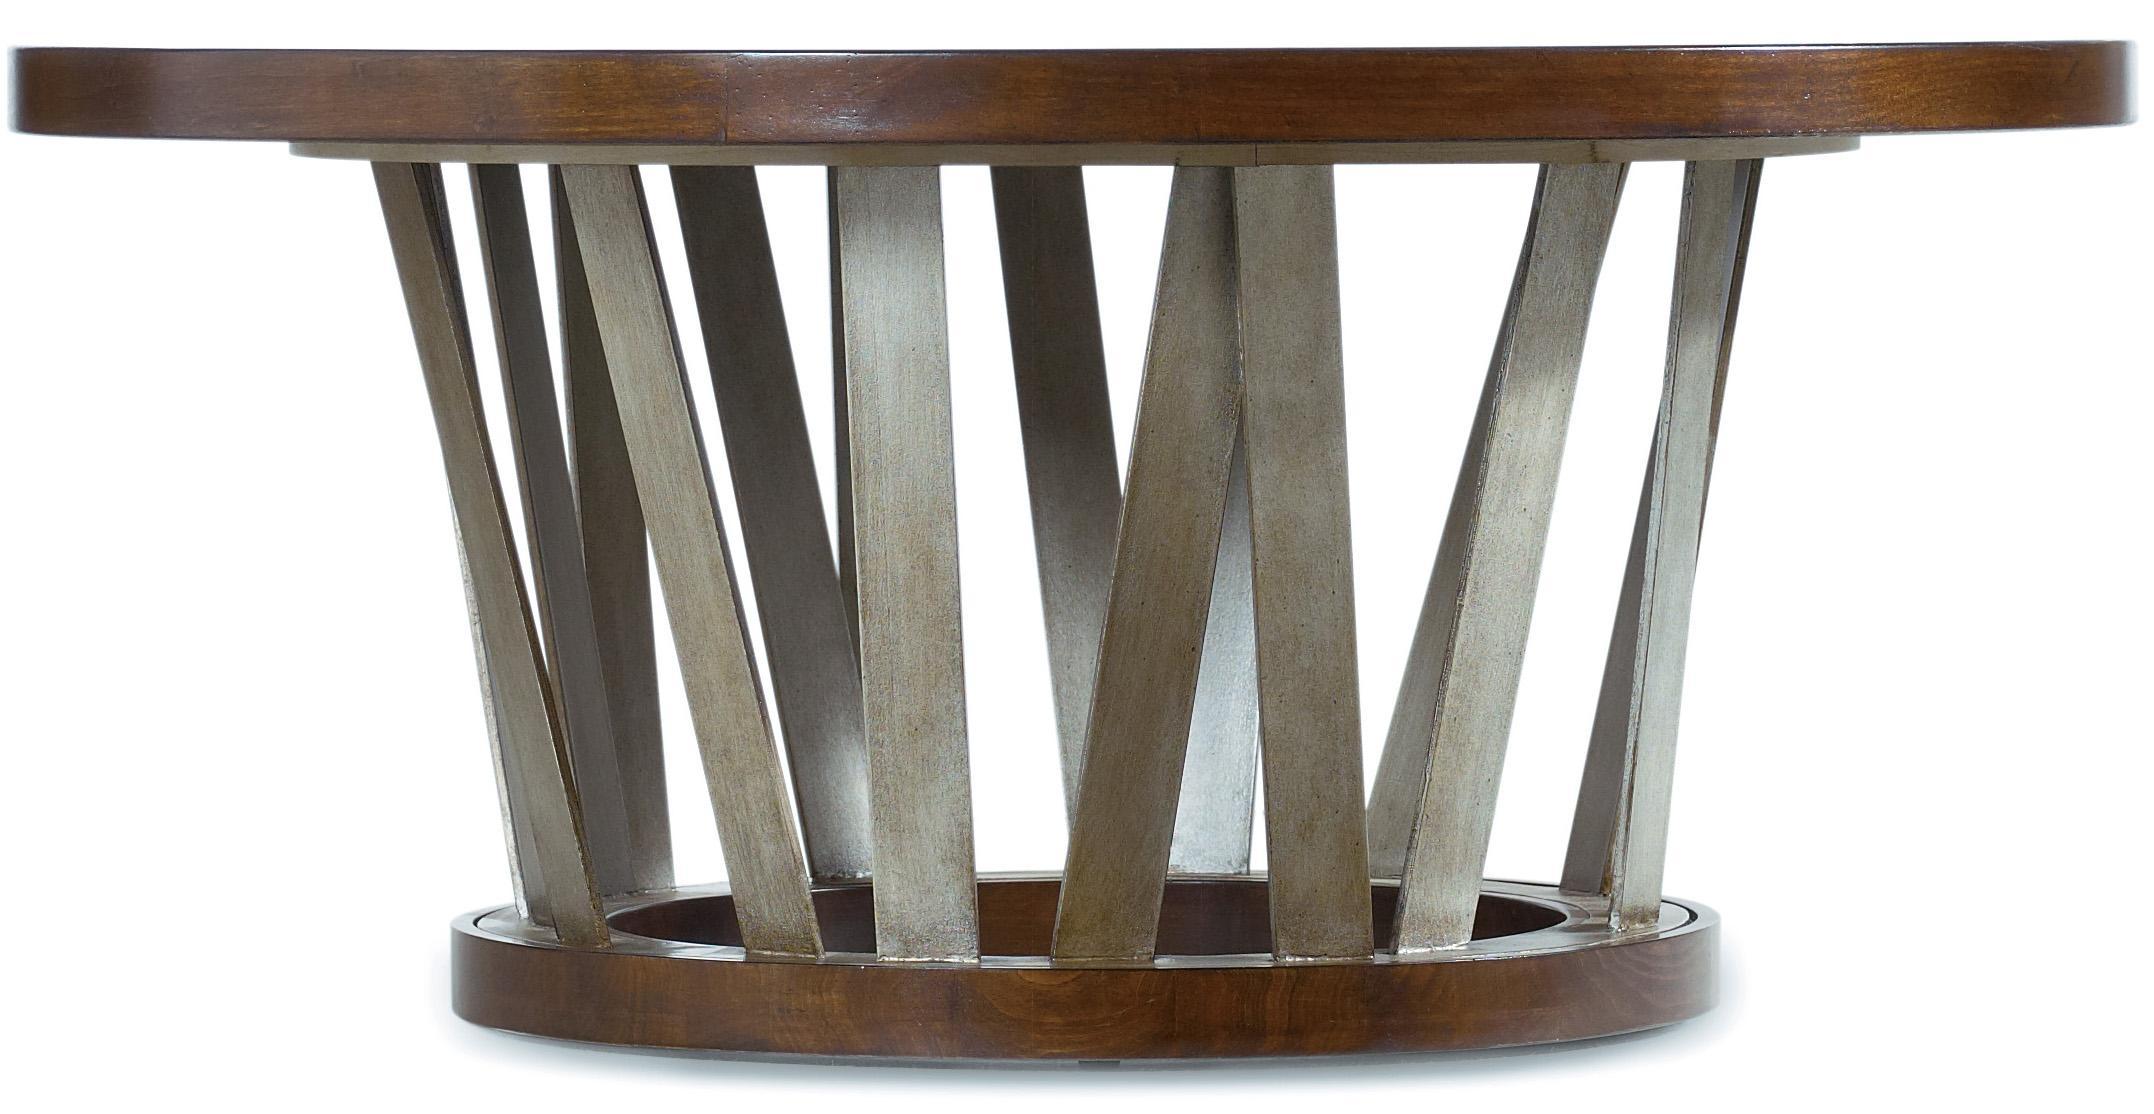 Hooker Furniture Lorimer Round Cocktail Table - Item Number: 5065-80111